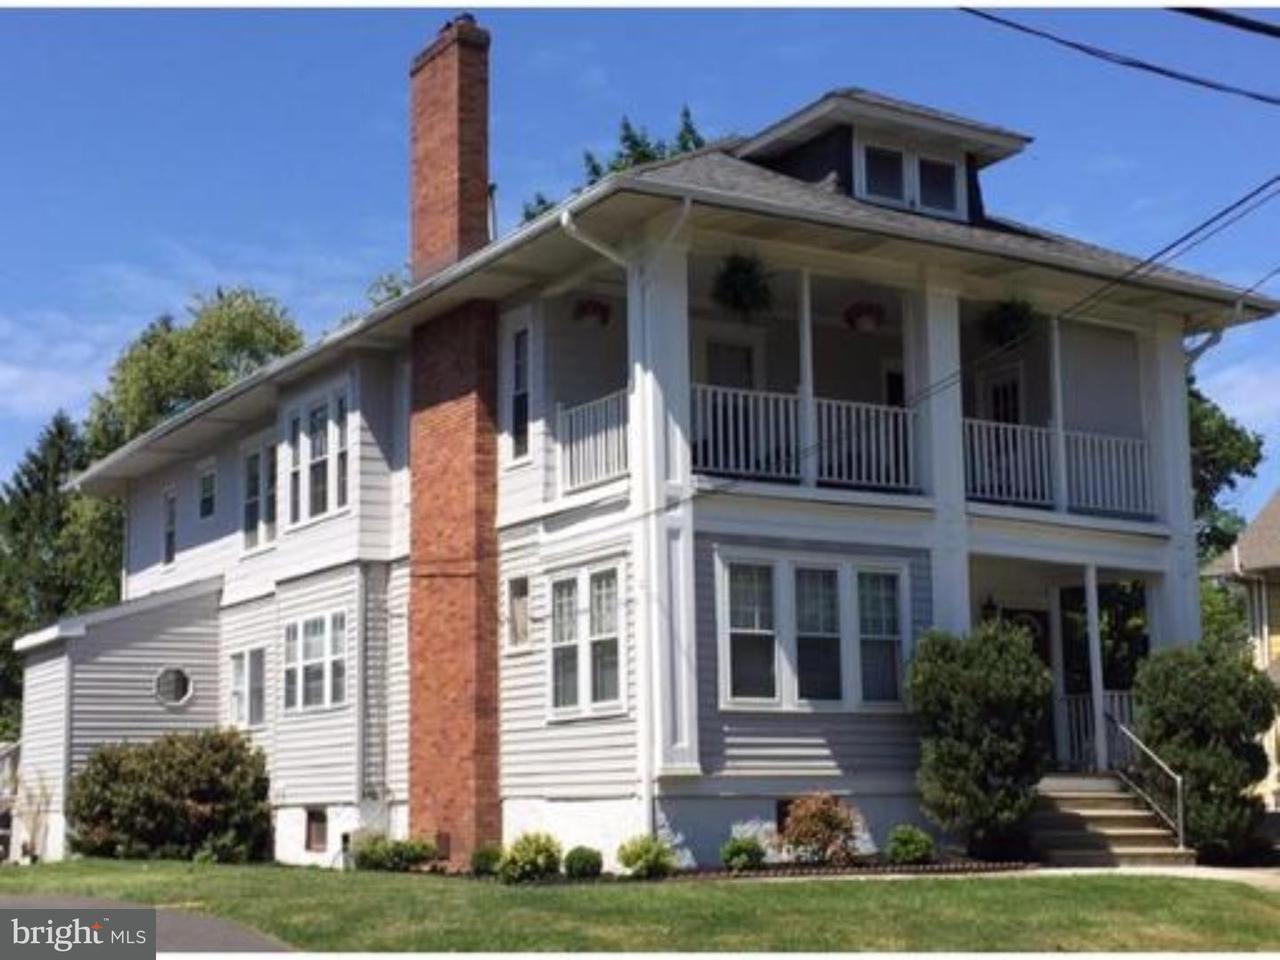 триплекс для того Аренда на 102 7TH AVE #3 Haddon Heights, Нью-Джерси 08035 Соединенные Штаты